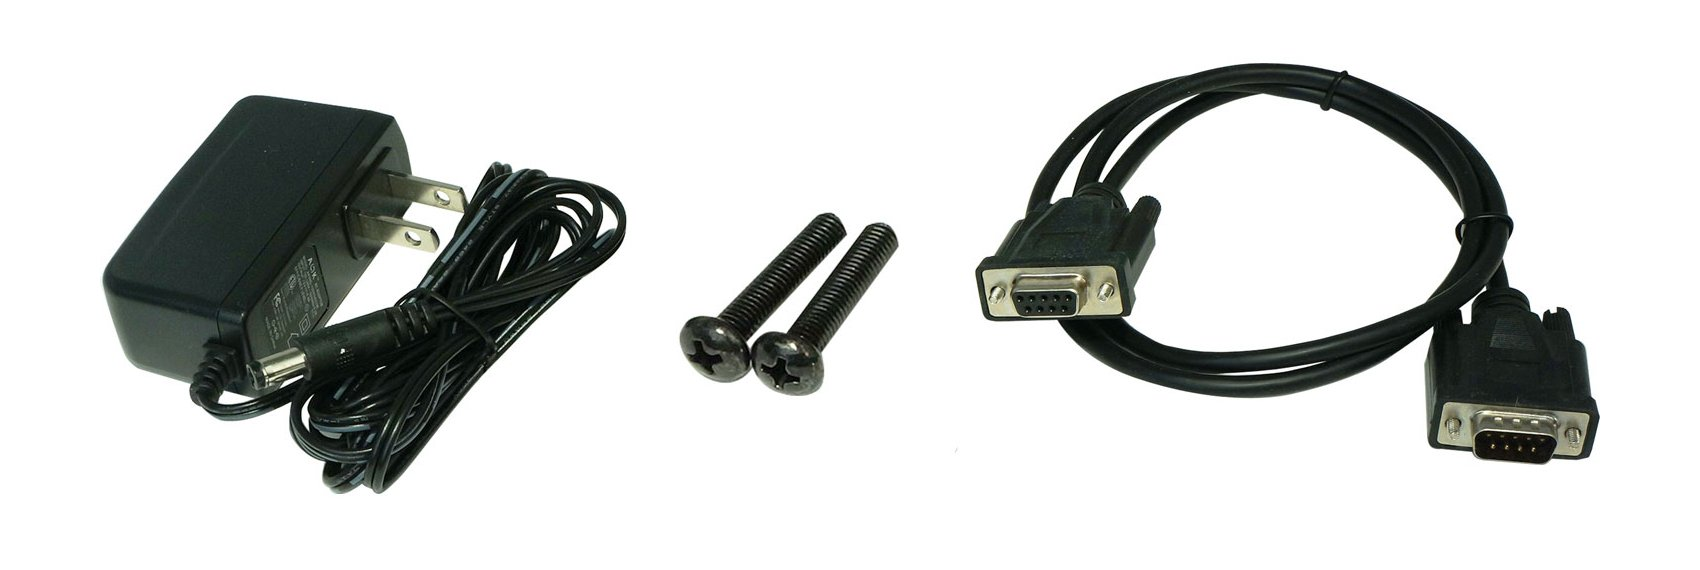 BlueBOLT Ethernet To D9 RS232 Adaptor